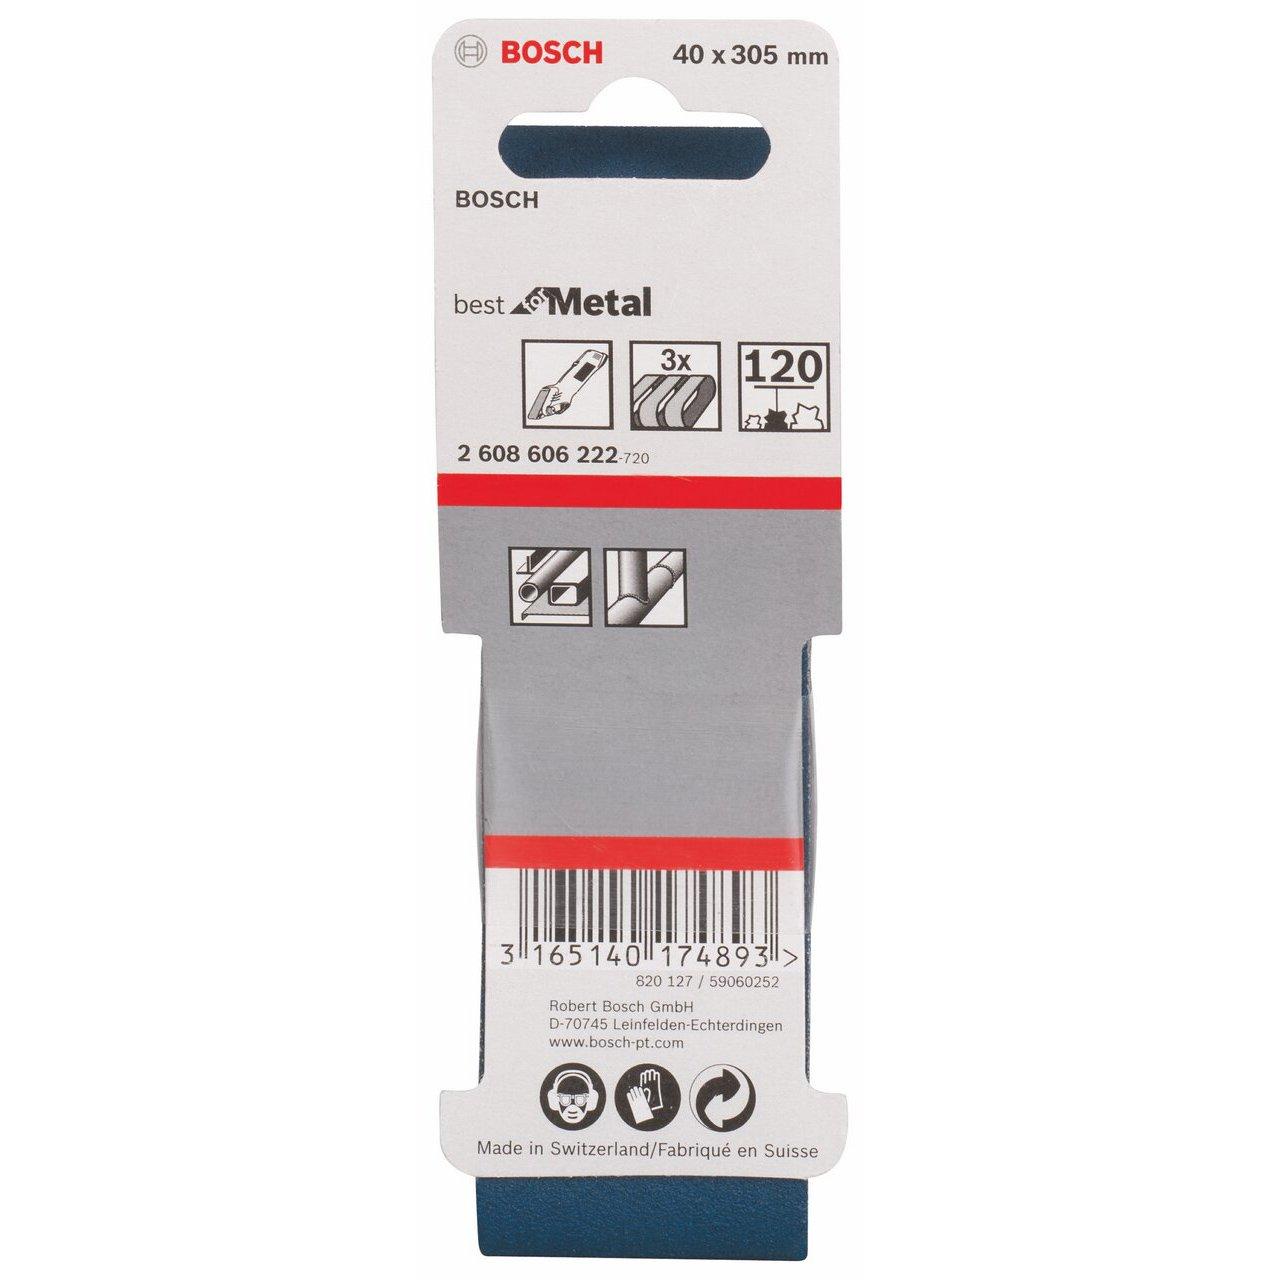 Bosch 2608606223 Ruban abrasif pour ponceuse /à ruban 40 x 305 mm Grain 180 3 pi/èces